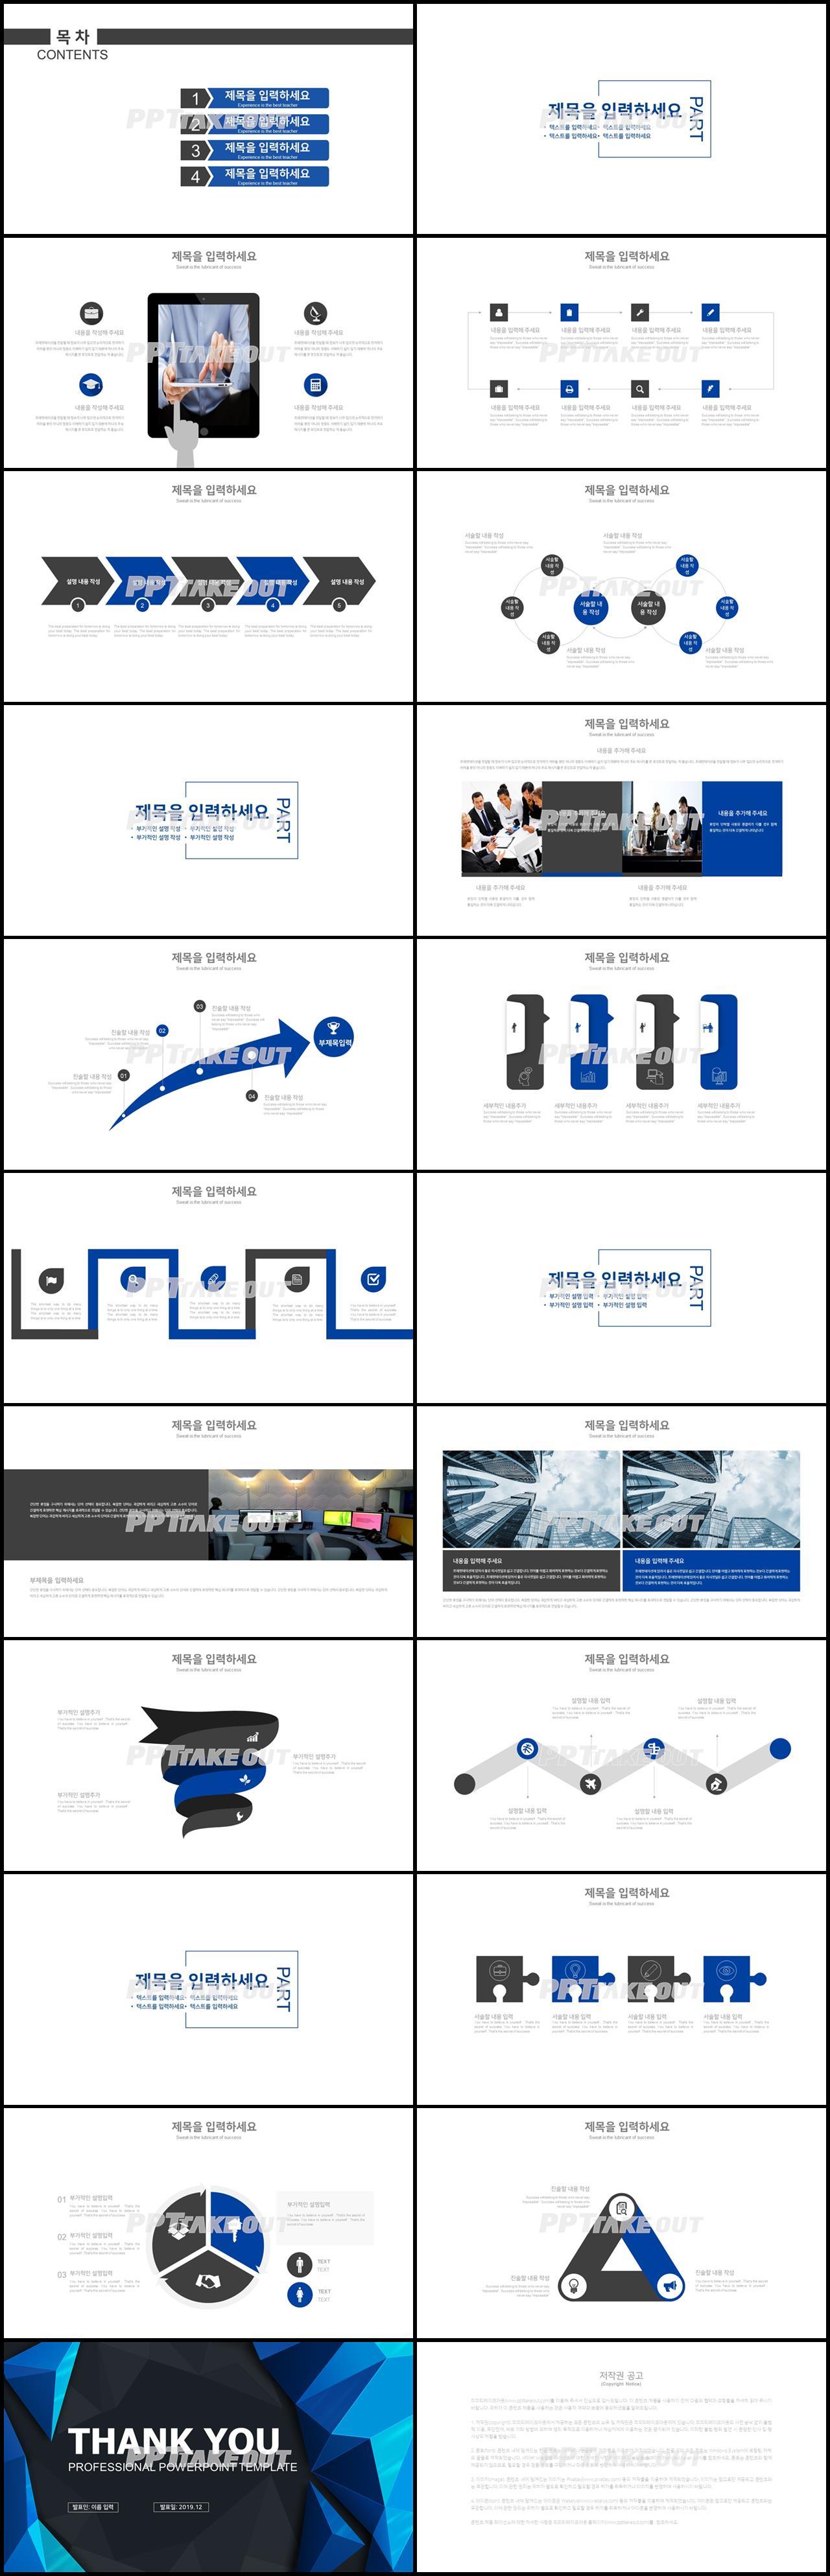 일정관리 푸른색 세련된 프레젠테이션 파워포인트탬플릿 만들기 상세보기